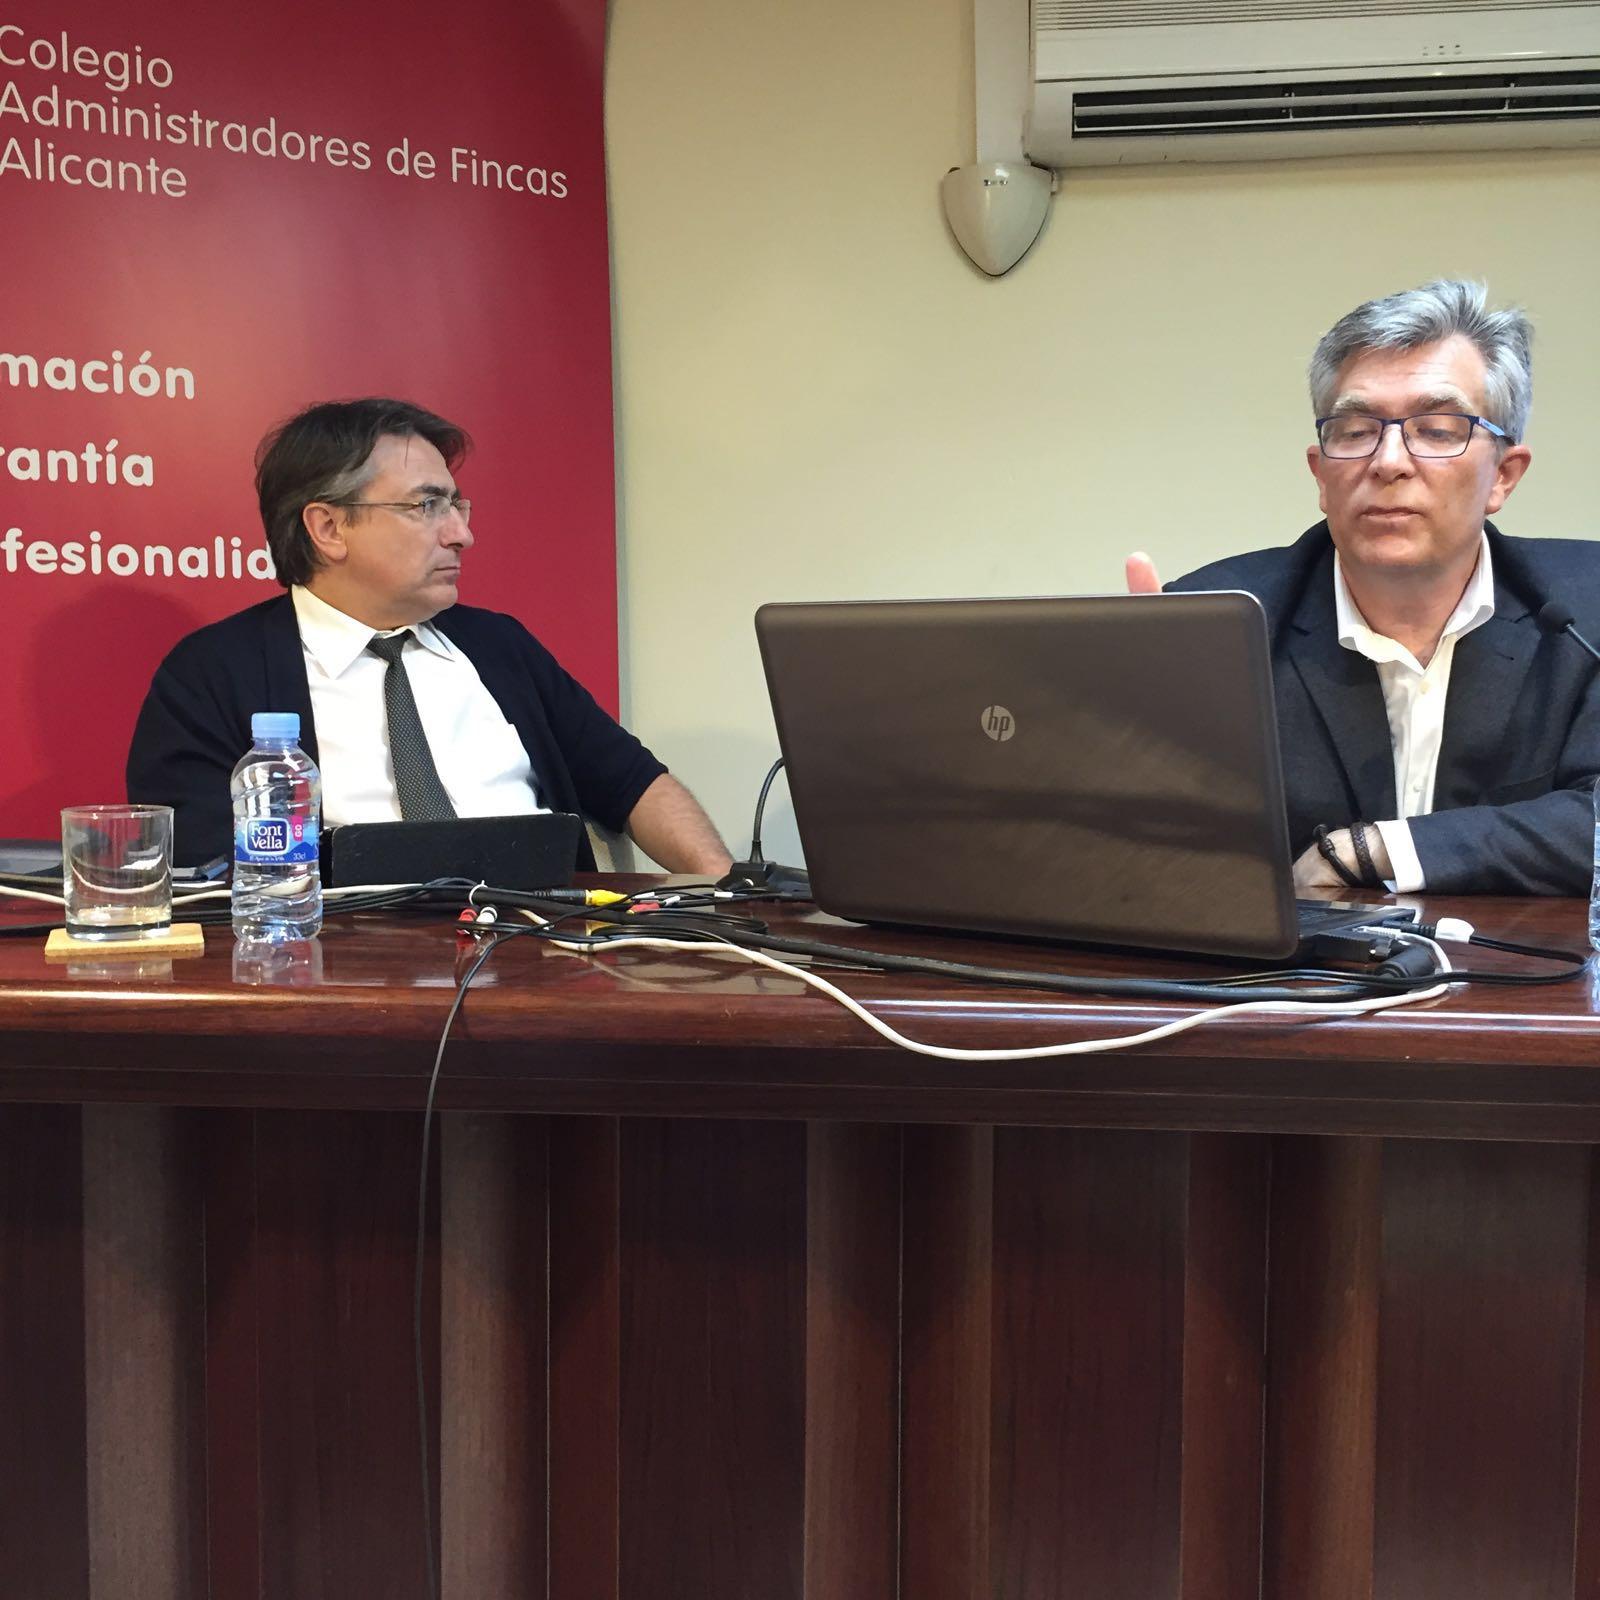 Jornada sobre seguridad y prevención de riesgos en puertas automáticas. Colegio de Administradores de Fincas de Alicante